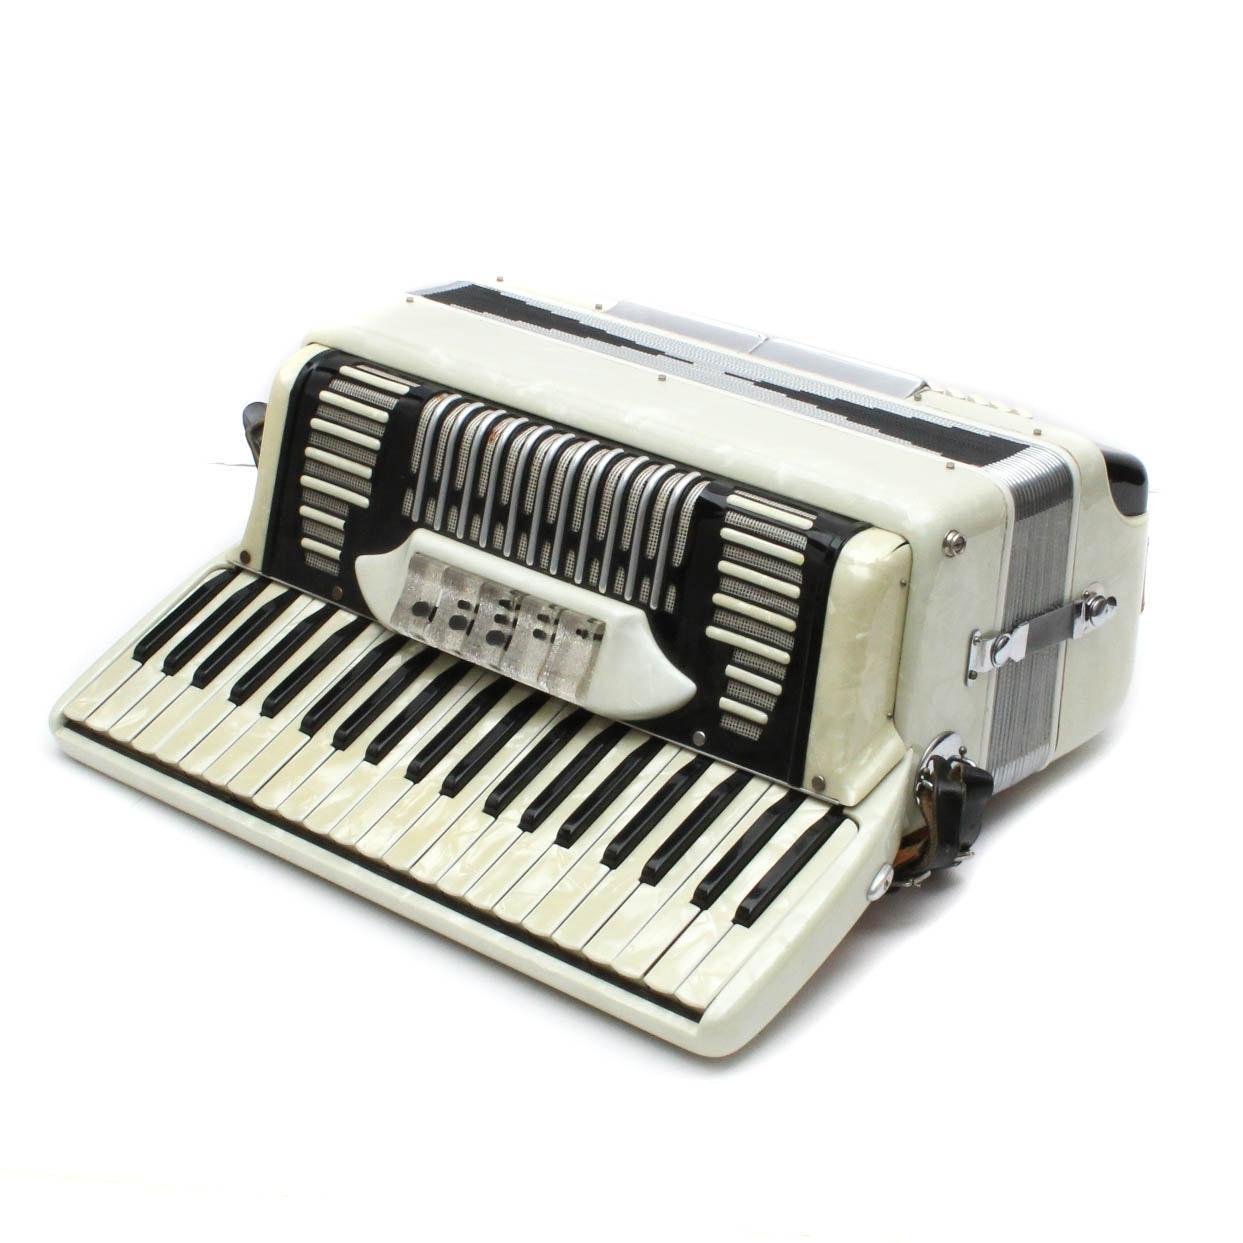 Vintage Italian Piano Accordion